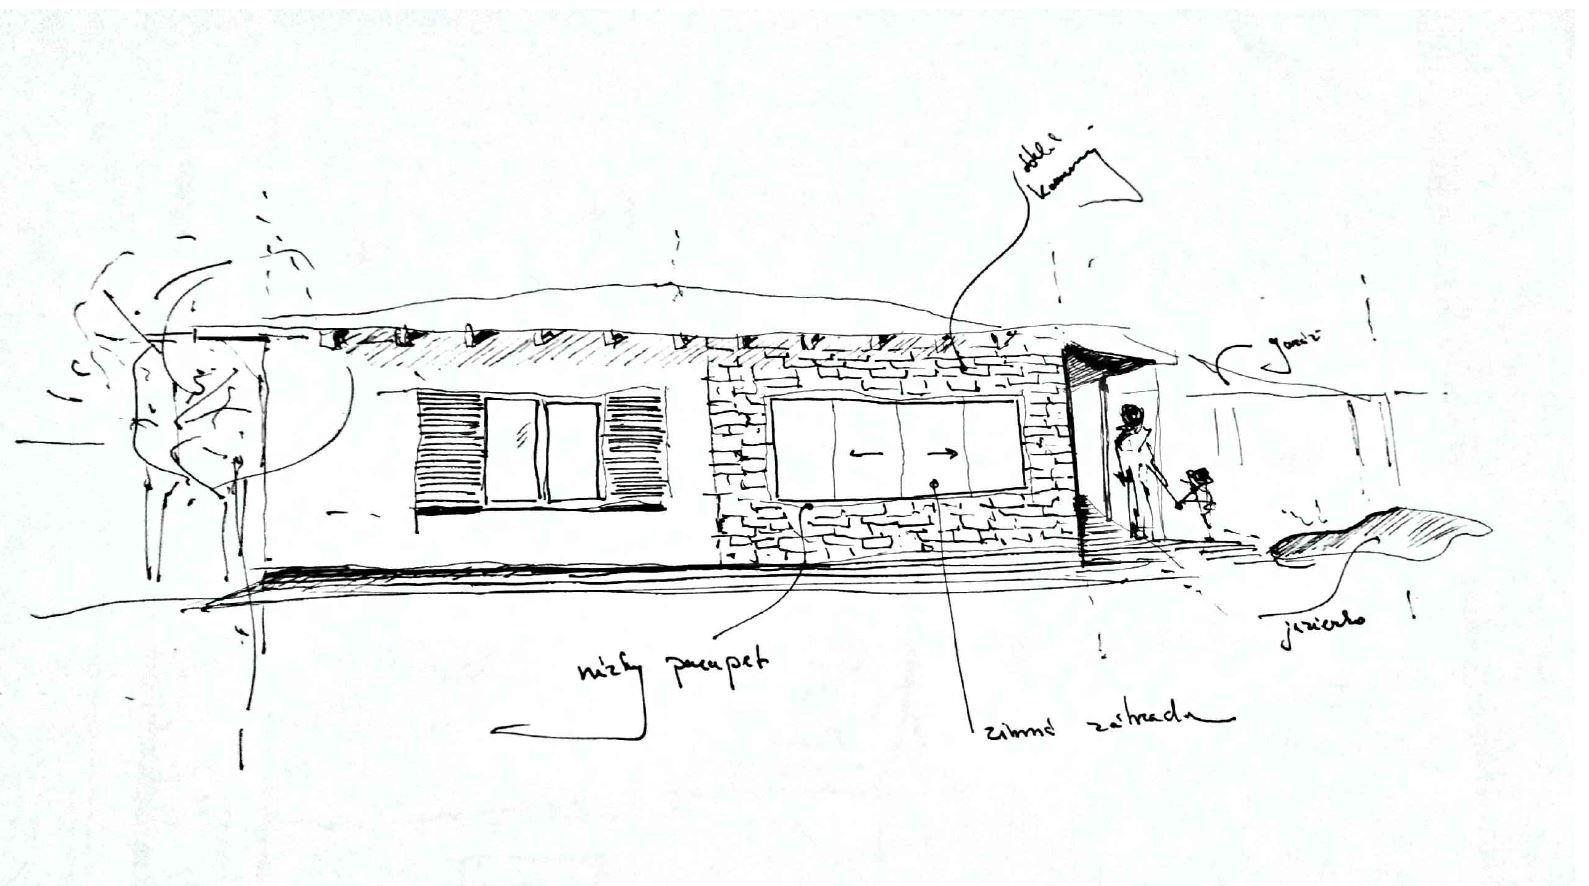 Rodinný dom sa nachádza v katastrálnom území obce Sokolovce, ponúka energeticky úsporné a komfortné bývanie. Ponechanie kamennej studni v dome bolo vstupnou požiadavkou investora. Dominantný prvok studni sa nachádza takmer v strede domu a celý objem navrhovanej prístavby obklopuje už existujúcu studňu. V blízkosti studni sa nachádza kryté posedenie a priestor na odkladanie dreva. Jednoduchý kvádrovitý objem navrhovanej prístavby je zvýraznený prírodnými materiálmi. Keďže sa dom nachádza v príjemnom zelenom prostredí.